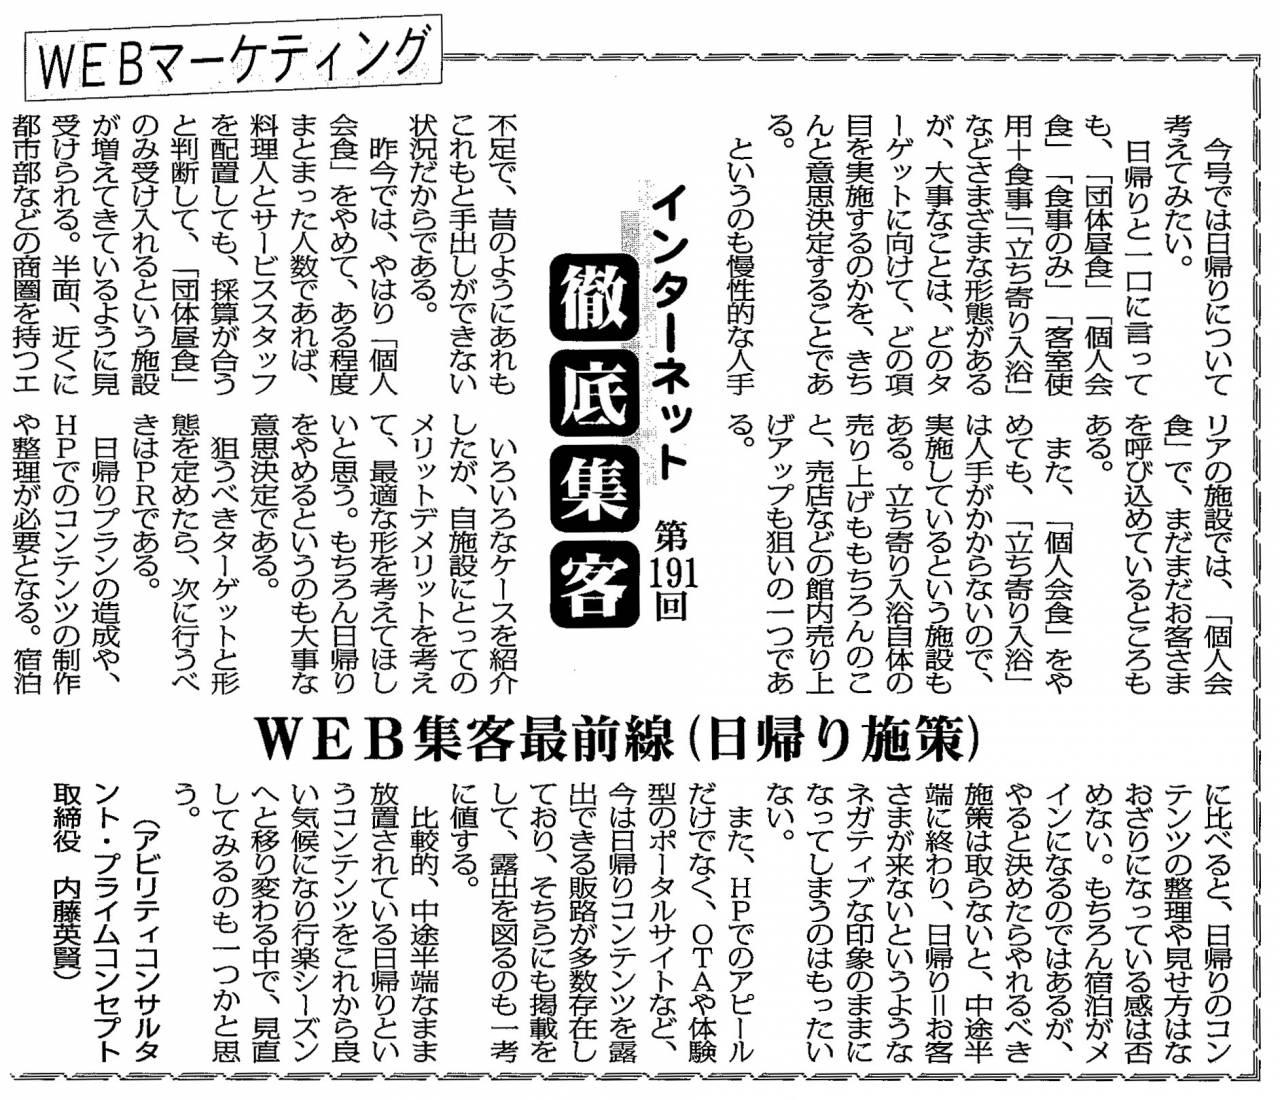 【第191回】WEBマーケティング インターネット徹底集客 (WEB集客最前線(日帰り施策))